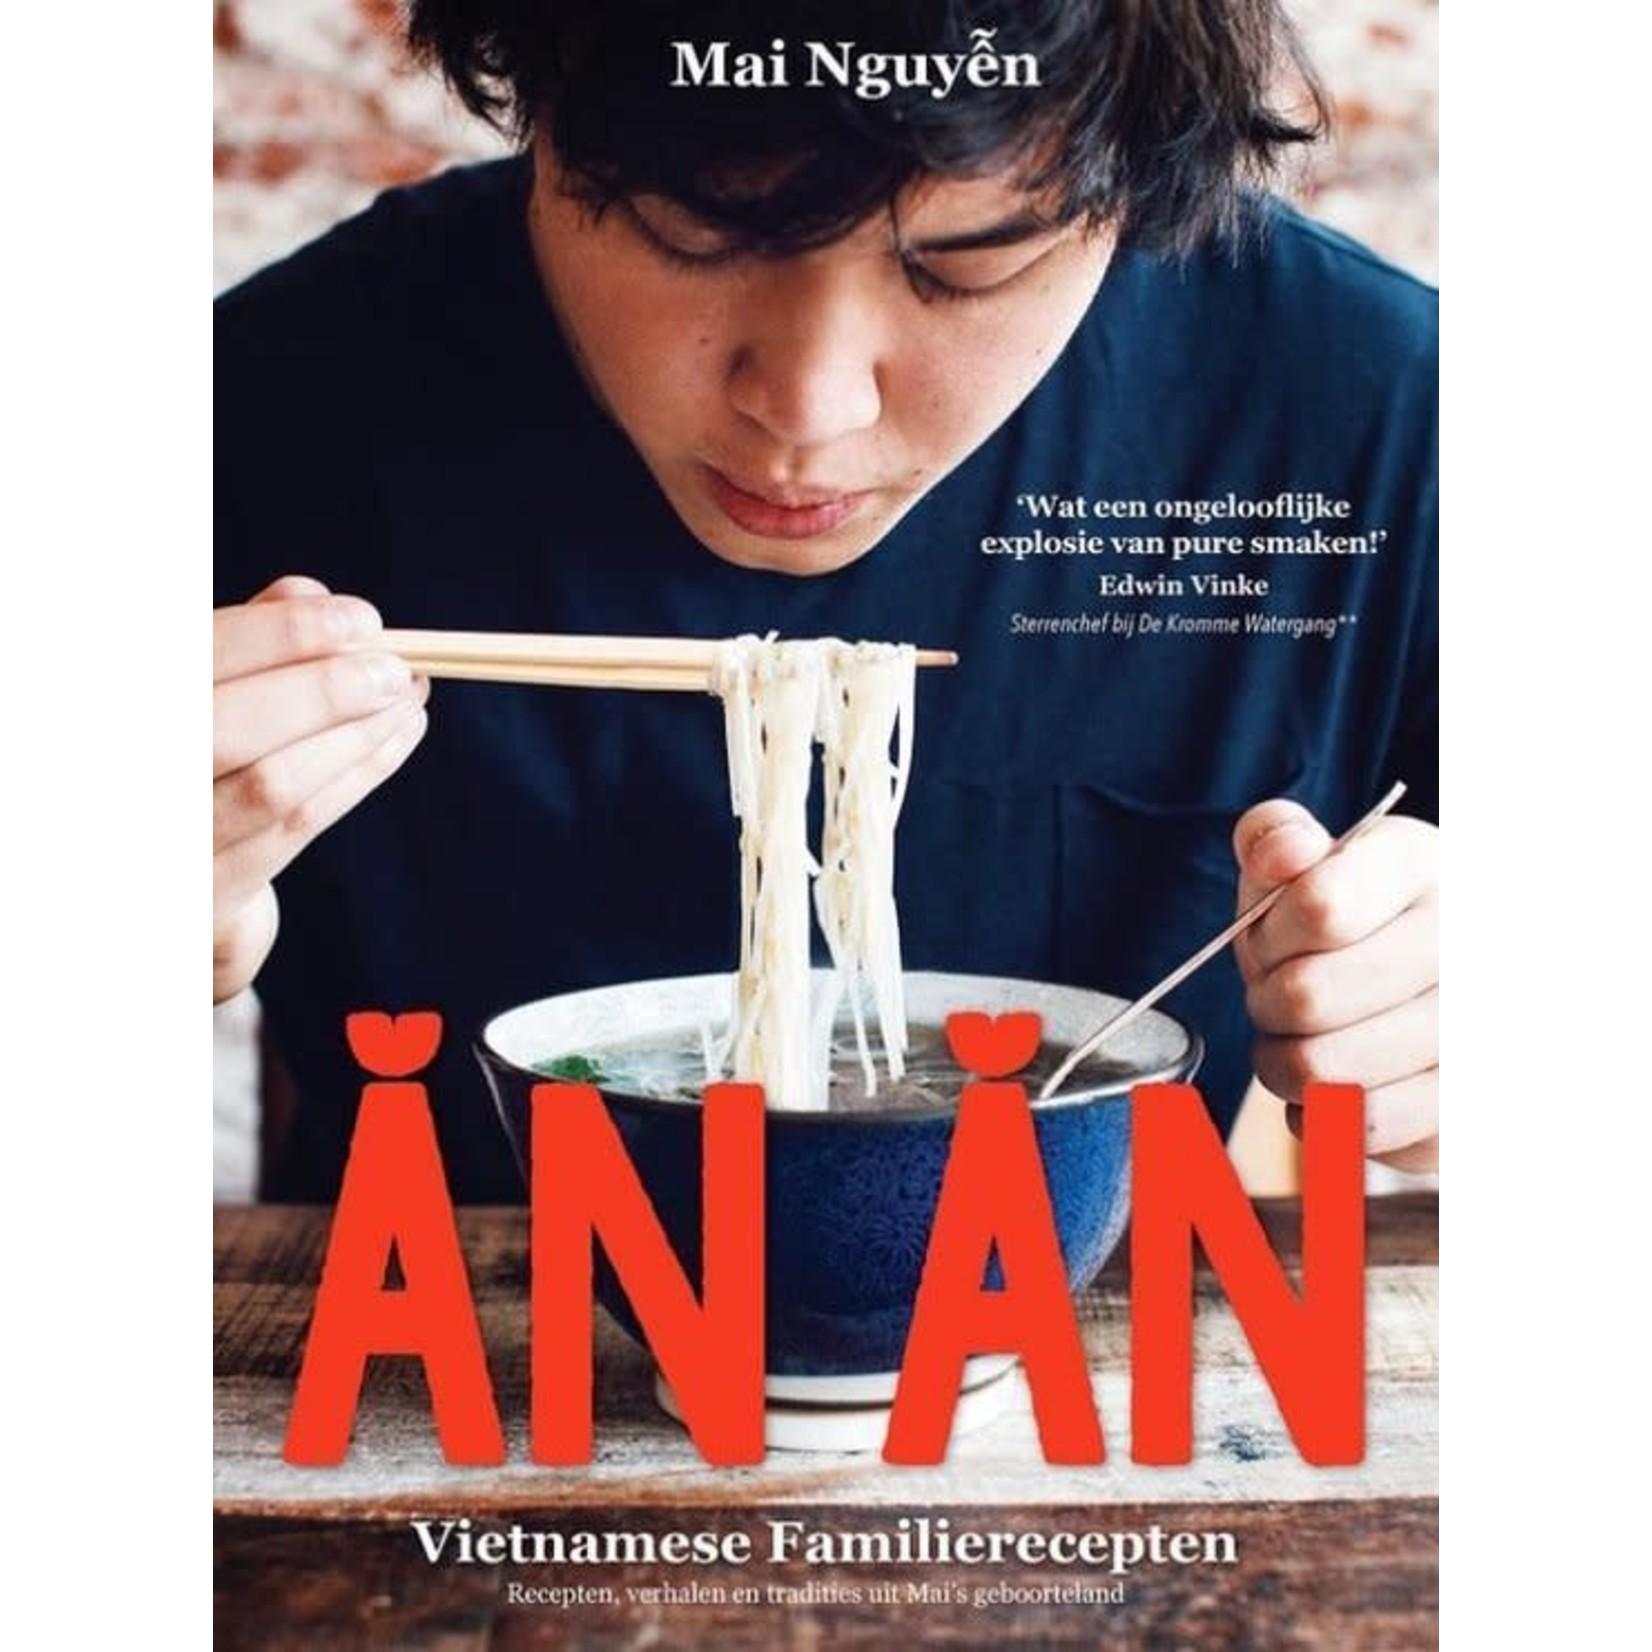 An An - Vietnamese familierecepten